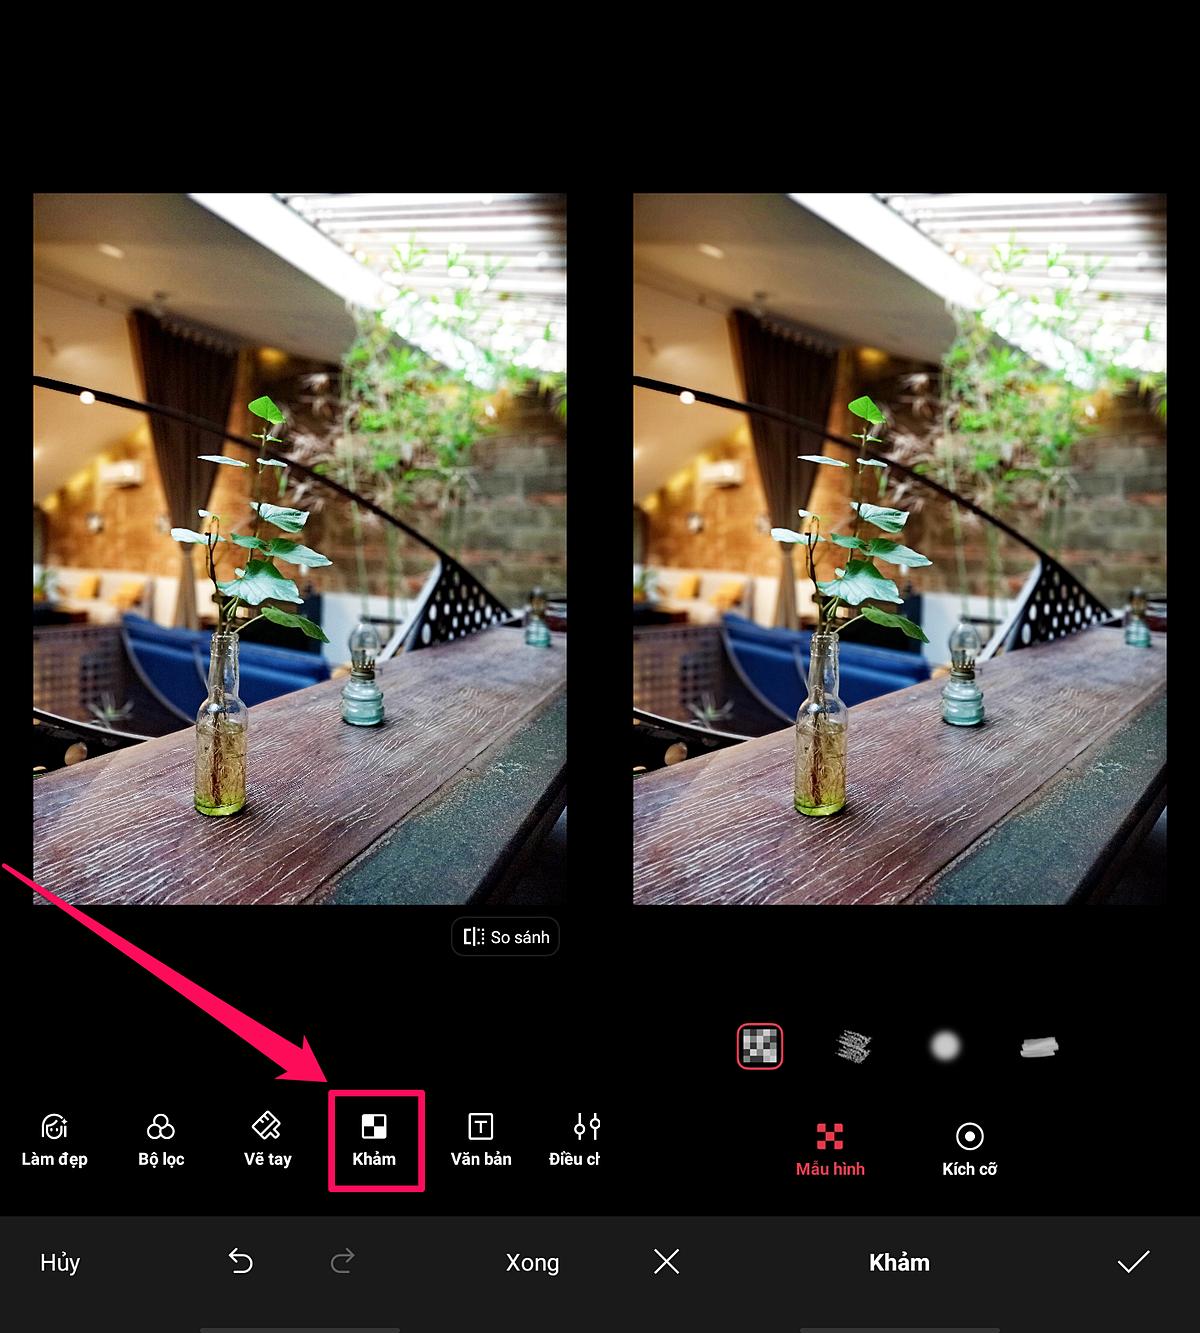 Bức hình thêm đẹp lại còn thêm độc nhờ hiệu ứng AI: Sử dụng các smartphoneRealme nói chung, Realme 6i nói riêng, người dùng sẽ thấycó rất nhiều tính năng giúp bức ảnh chụp ra đã chuẩn chỉnh về màu sắc, bao gồm tính năng tự động nhận diện bối cảnh bằng AI, tùy chọn tăng cường sắc độ, bộ lọc màu tích hợp sẵn...Trong ứng dụng xem ảnh, bạn chỉ cầnchọn hậu kỳ tấm ảnh mong muốn, sau đó bật chức năng mang tên khảm. Hiệu ứng khảmkhông chỉ giúpche đi các chi tiết trong ảnh mà còn tạo thêm các nét vẽ nghệ thuật để tôn lên chủ thể chính.